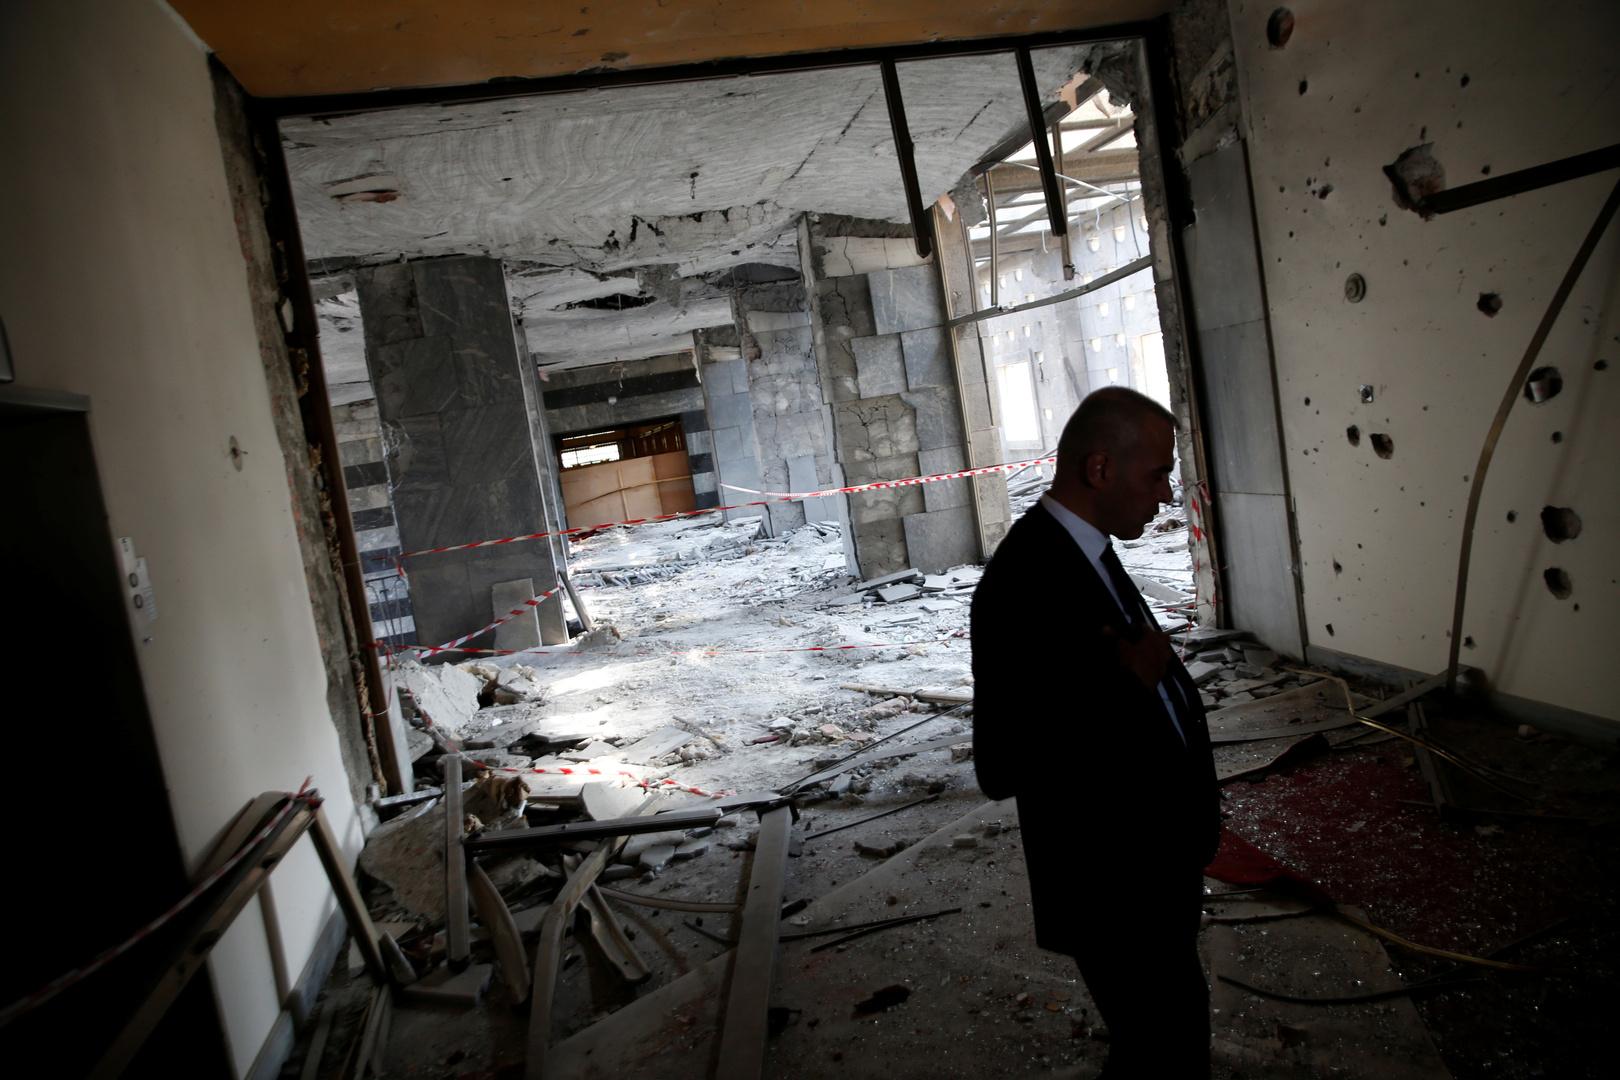 الأضرار التي لحقت بمبنى البرلمان التركي جراء محاولة الانقلاب